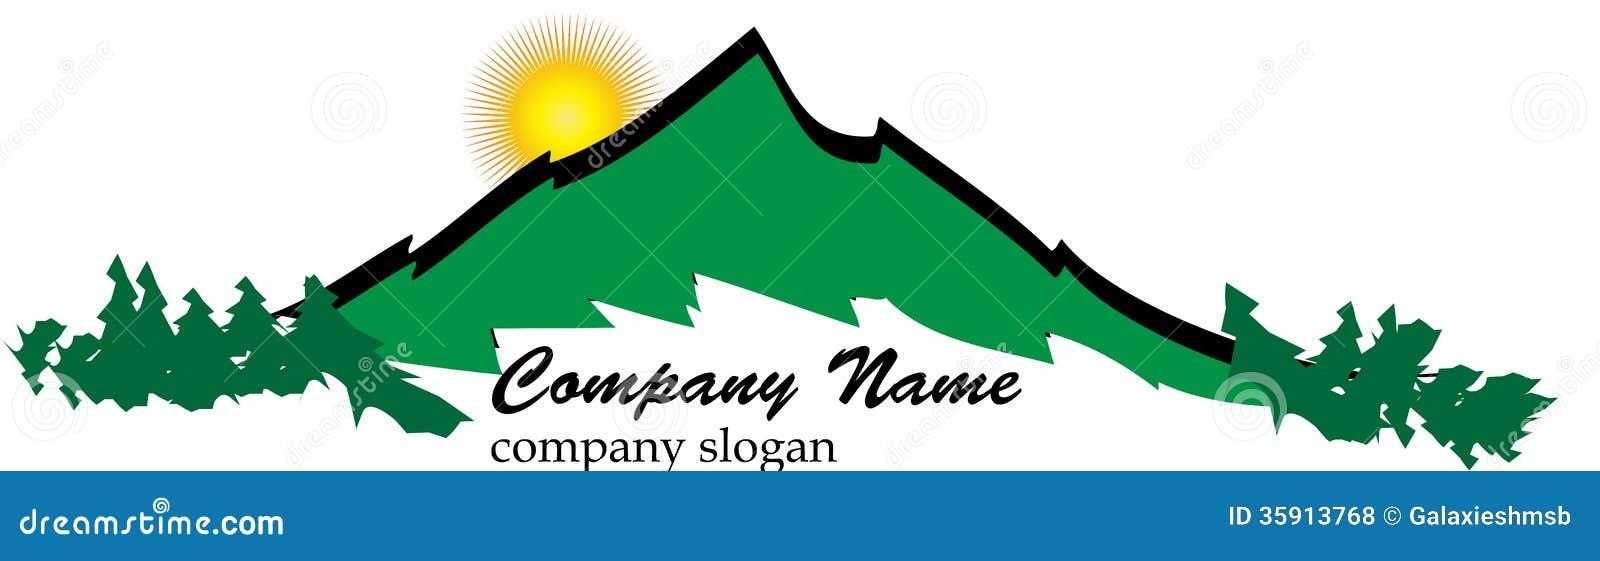 企业山商标